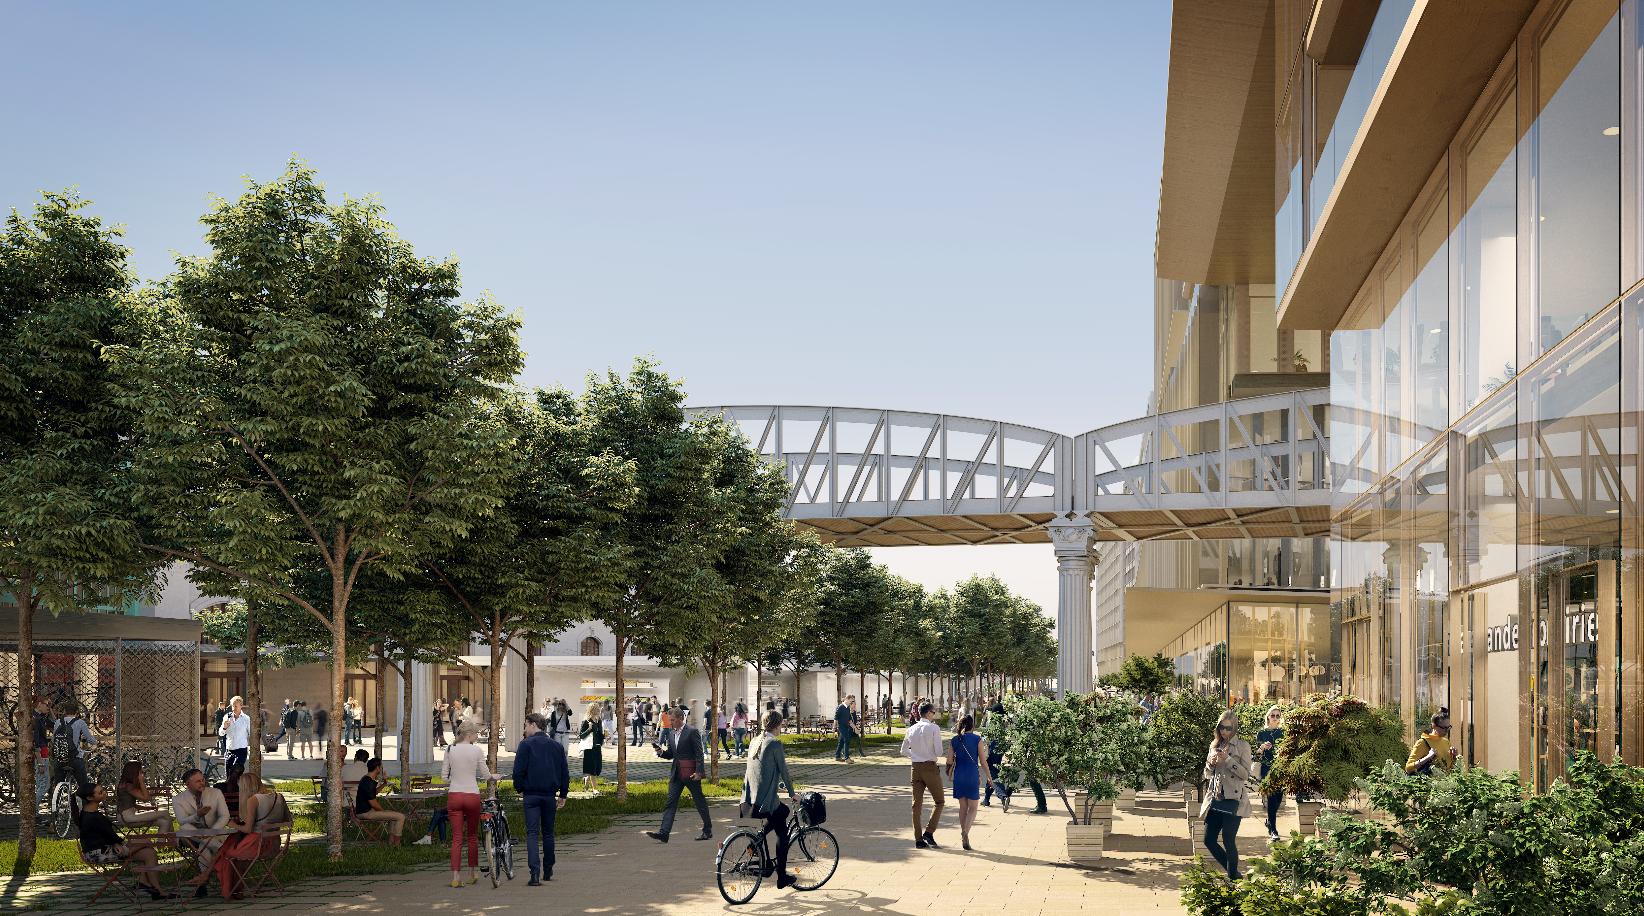 L'ambitieux projet de réhabilitation de la gare d'Austerlitz